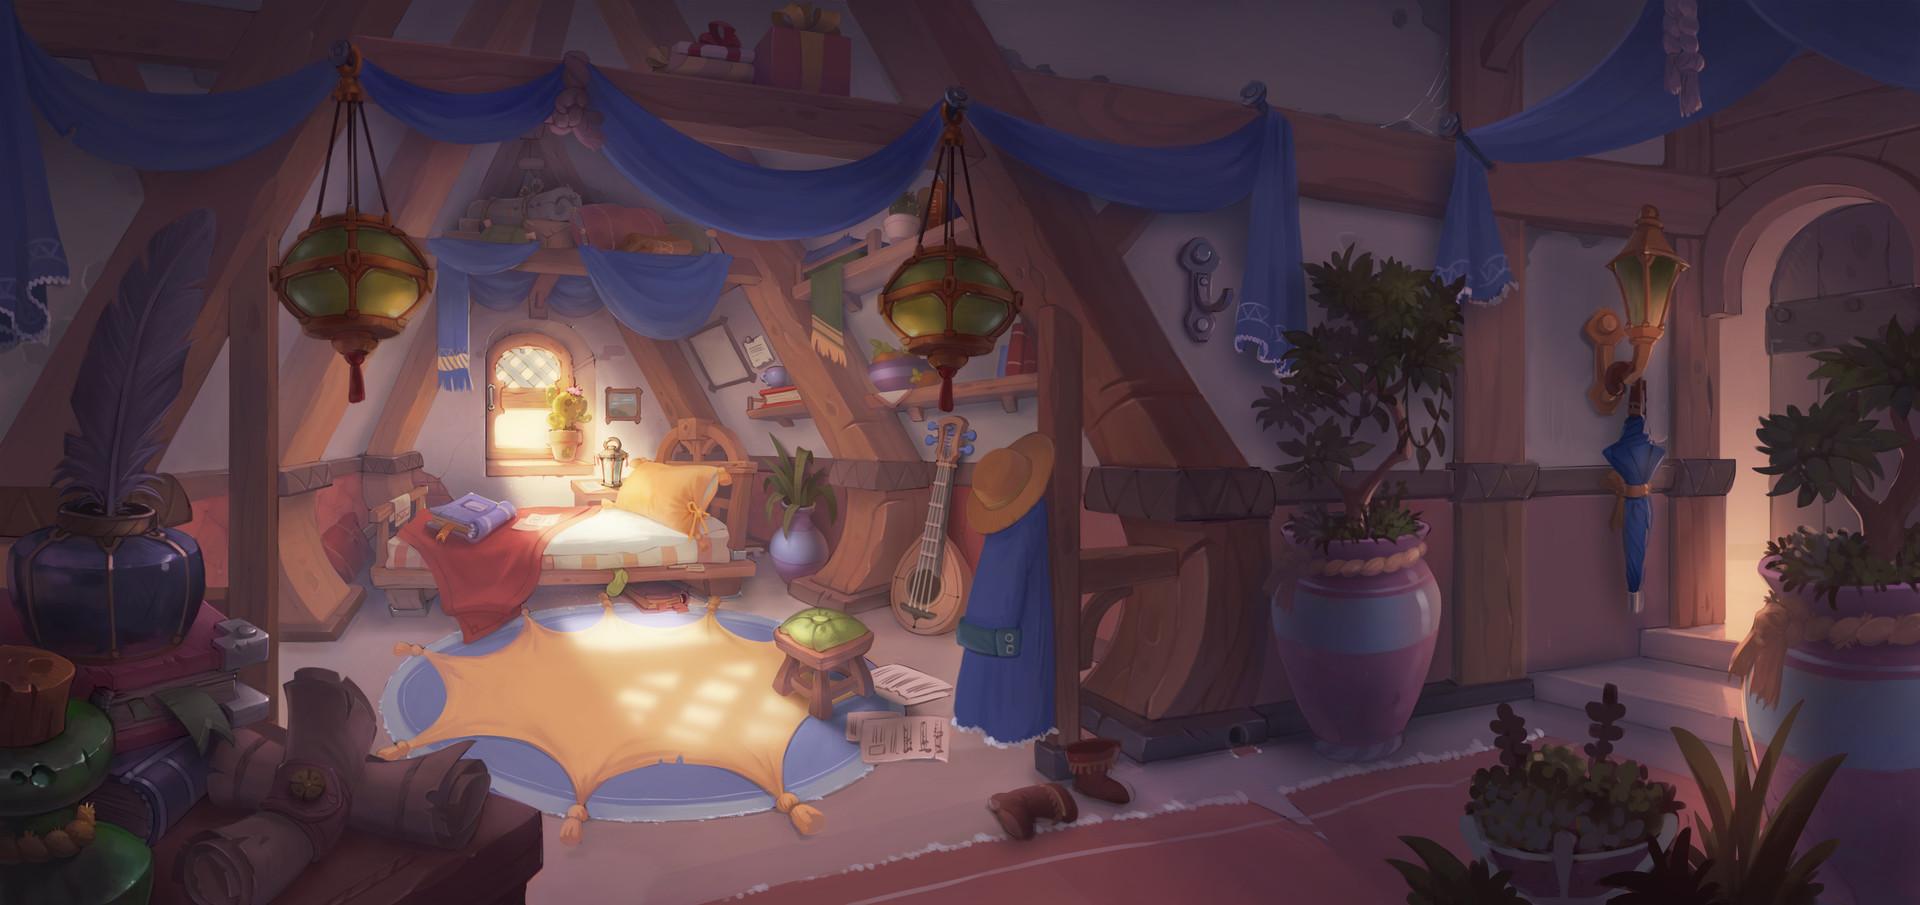 Artstation Fantasy Room Concept Anna Lepeshkina